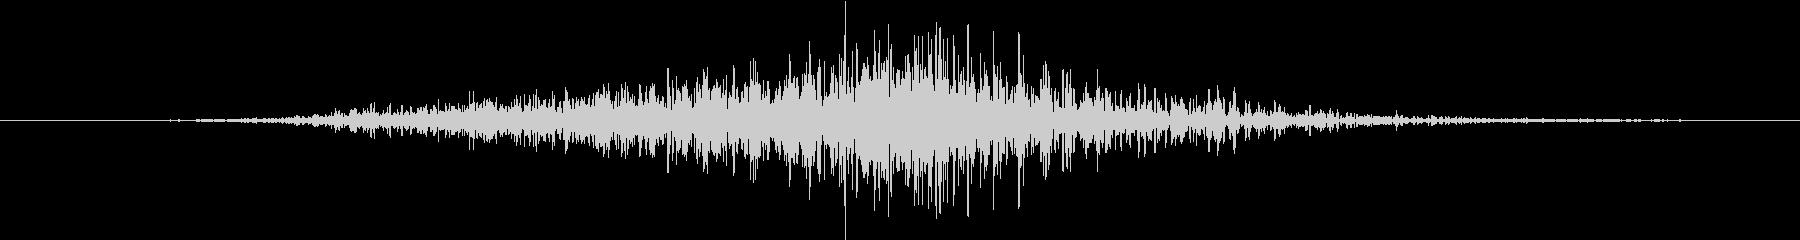 トランジション ヒューシュ16の未再生の波形